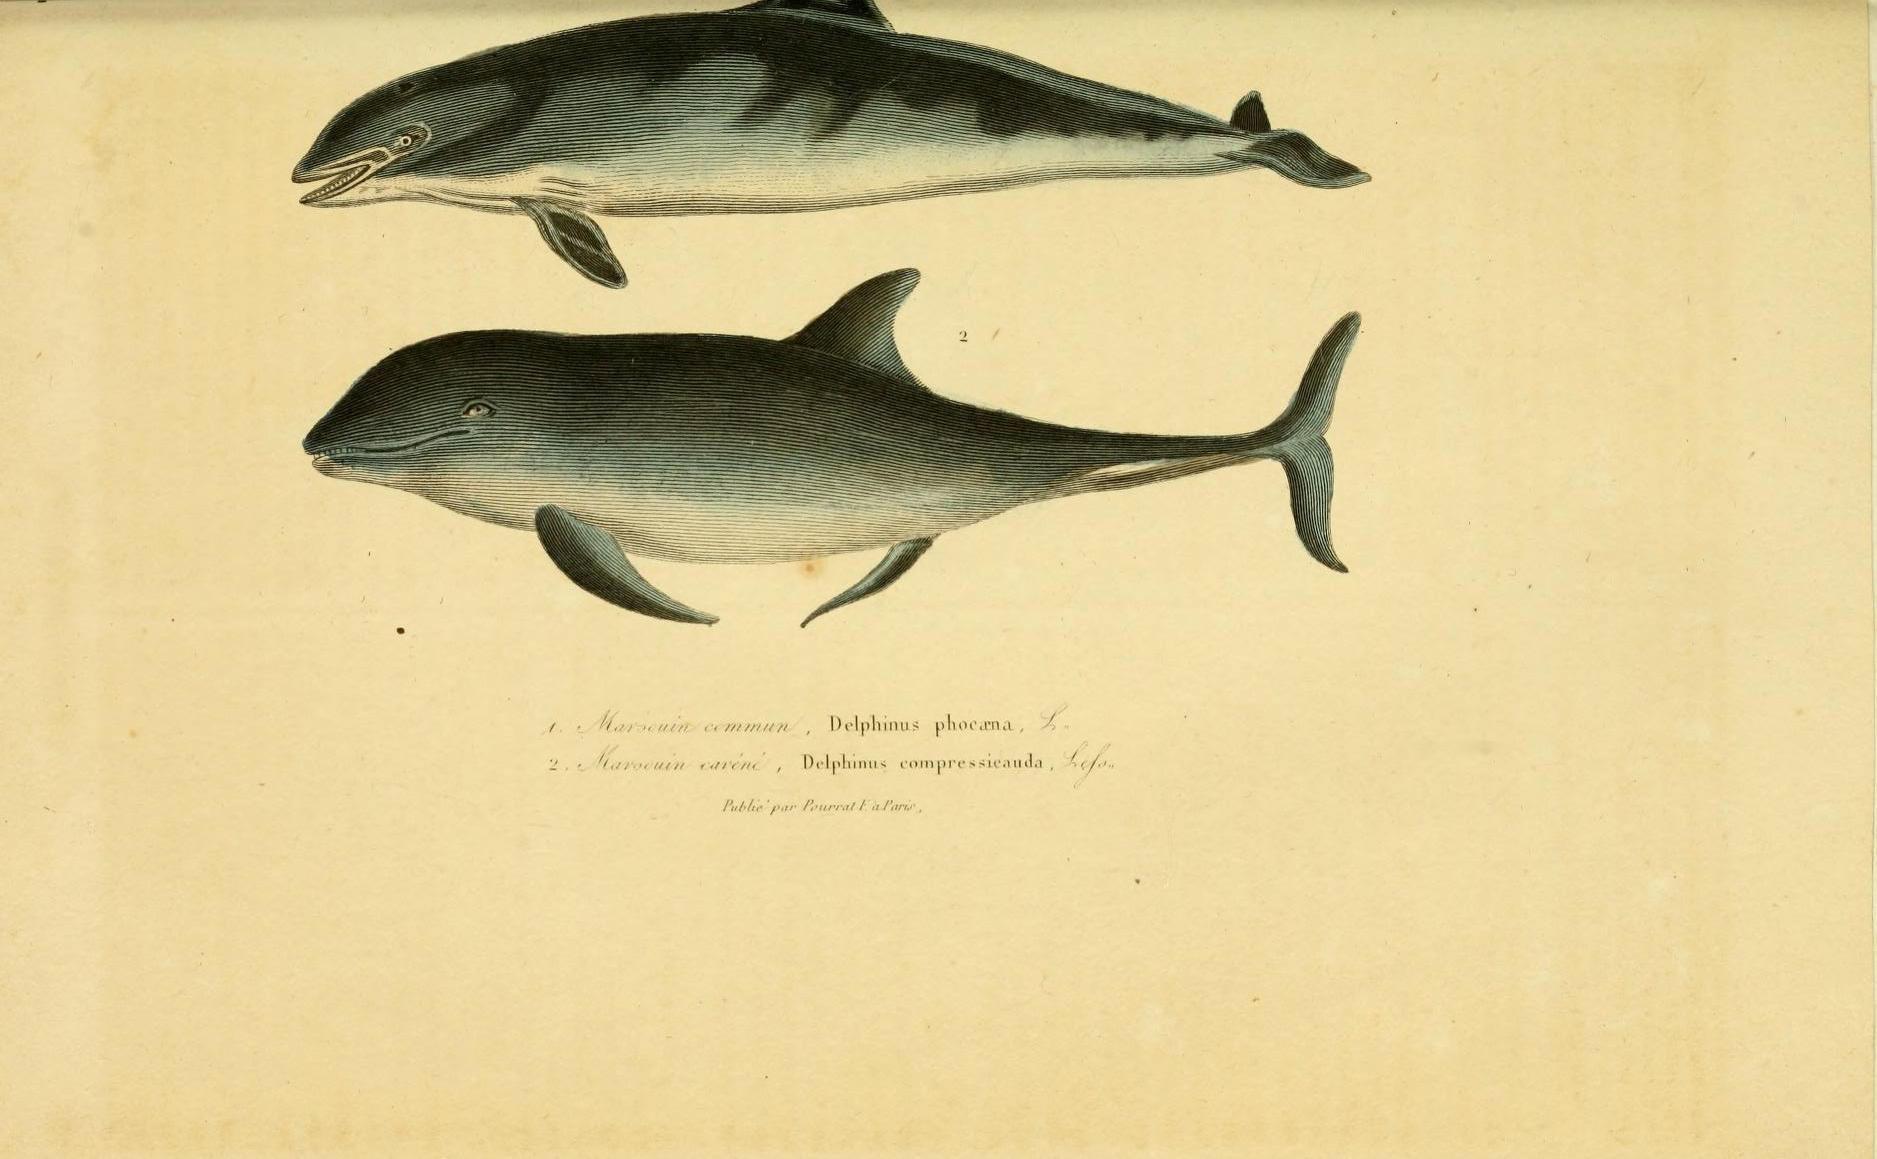 Image of Common porpoises